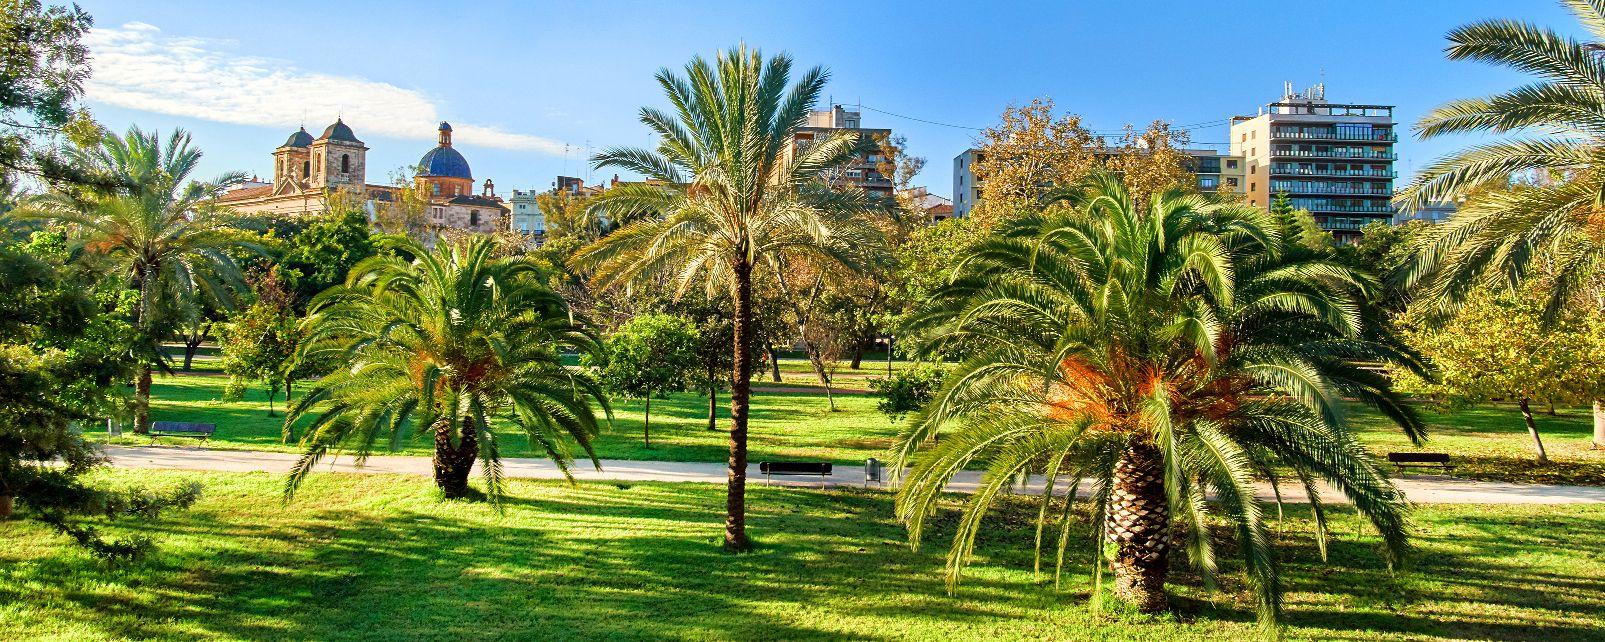 Les jardins de la turia gemeinschaft valencia spanien - Jardin del turia valencia ...